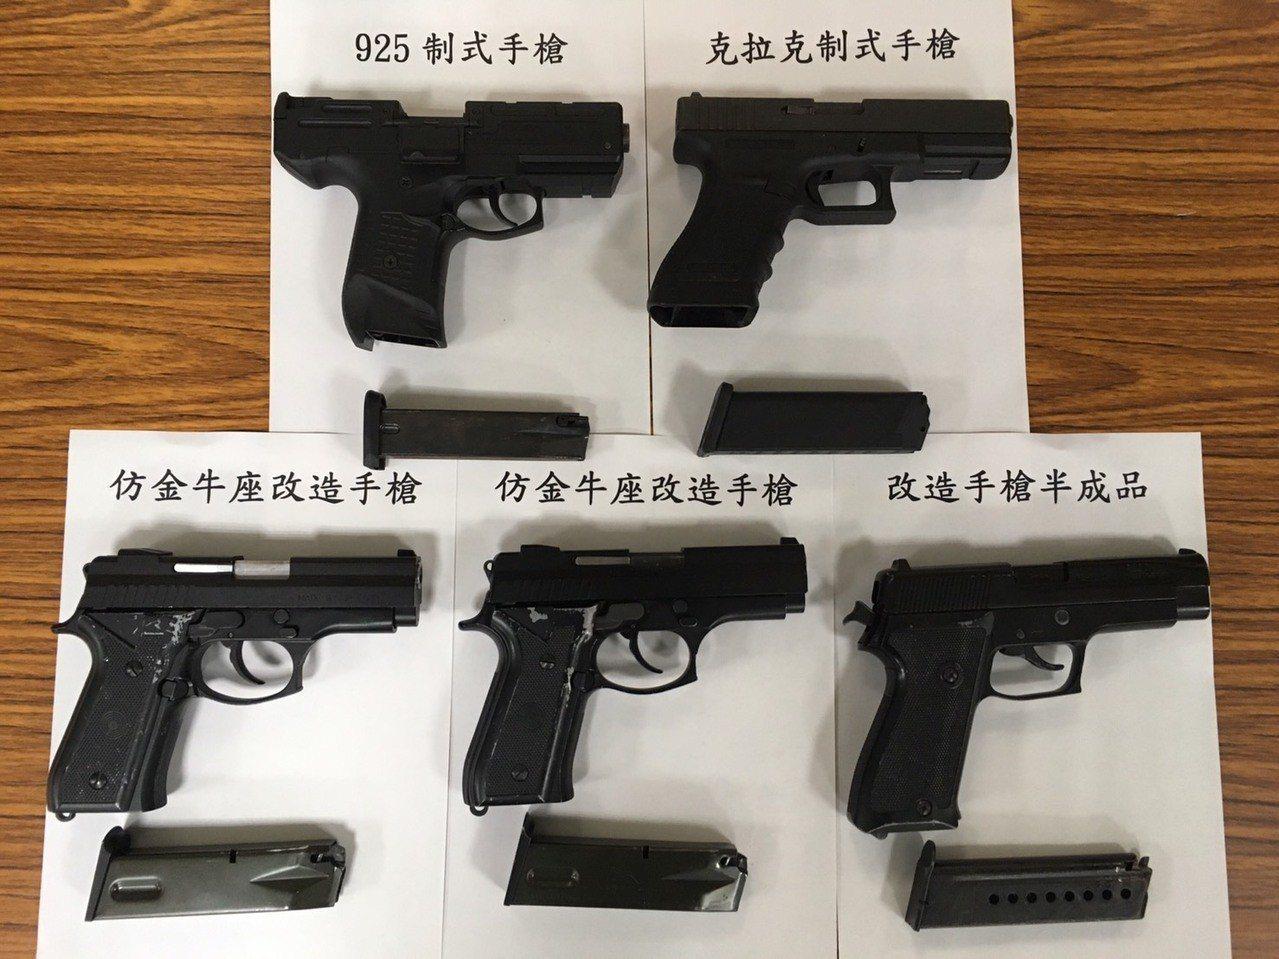 新湖警分局查獲多把槍枝。記者郭宣彣/翻攝